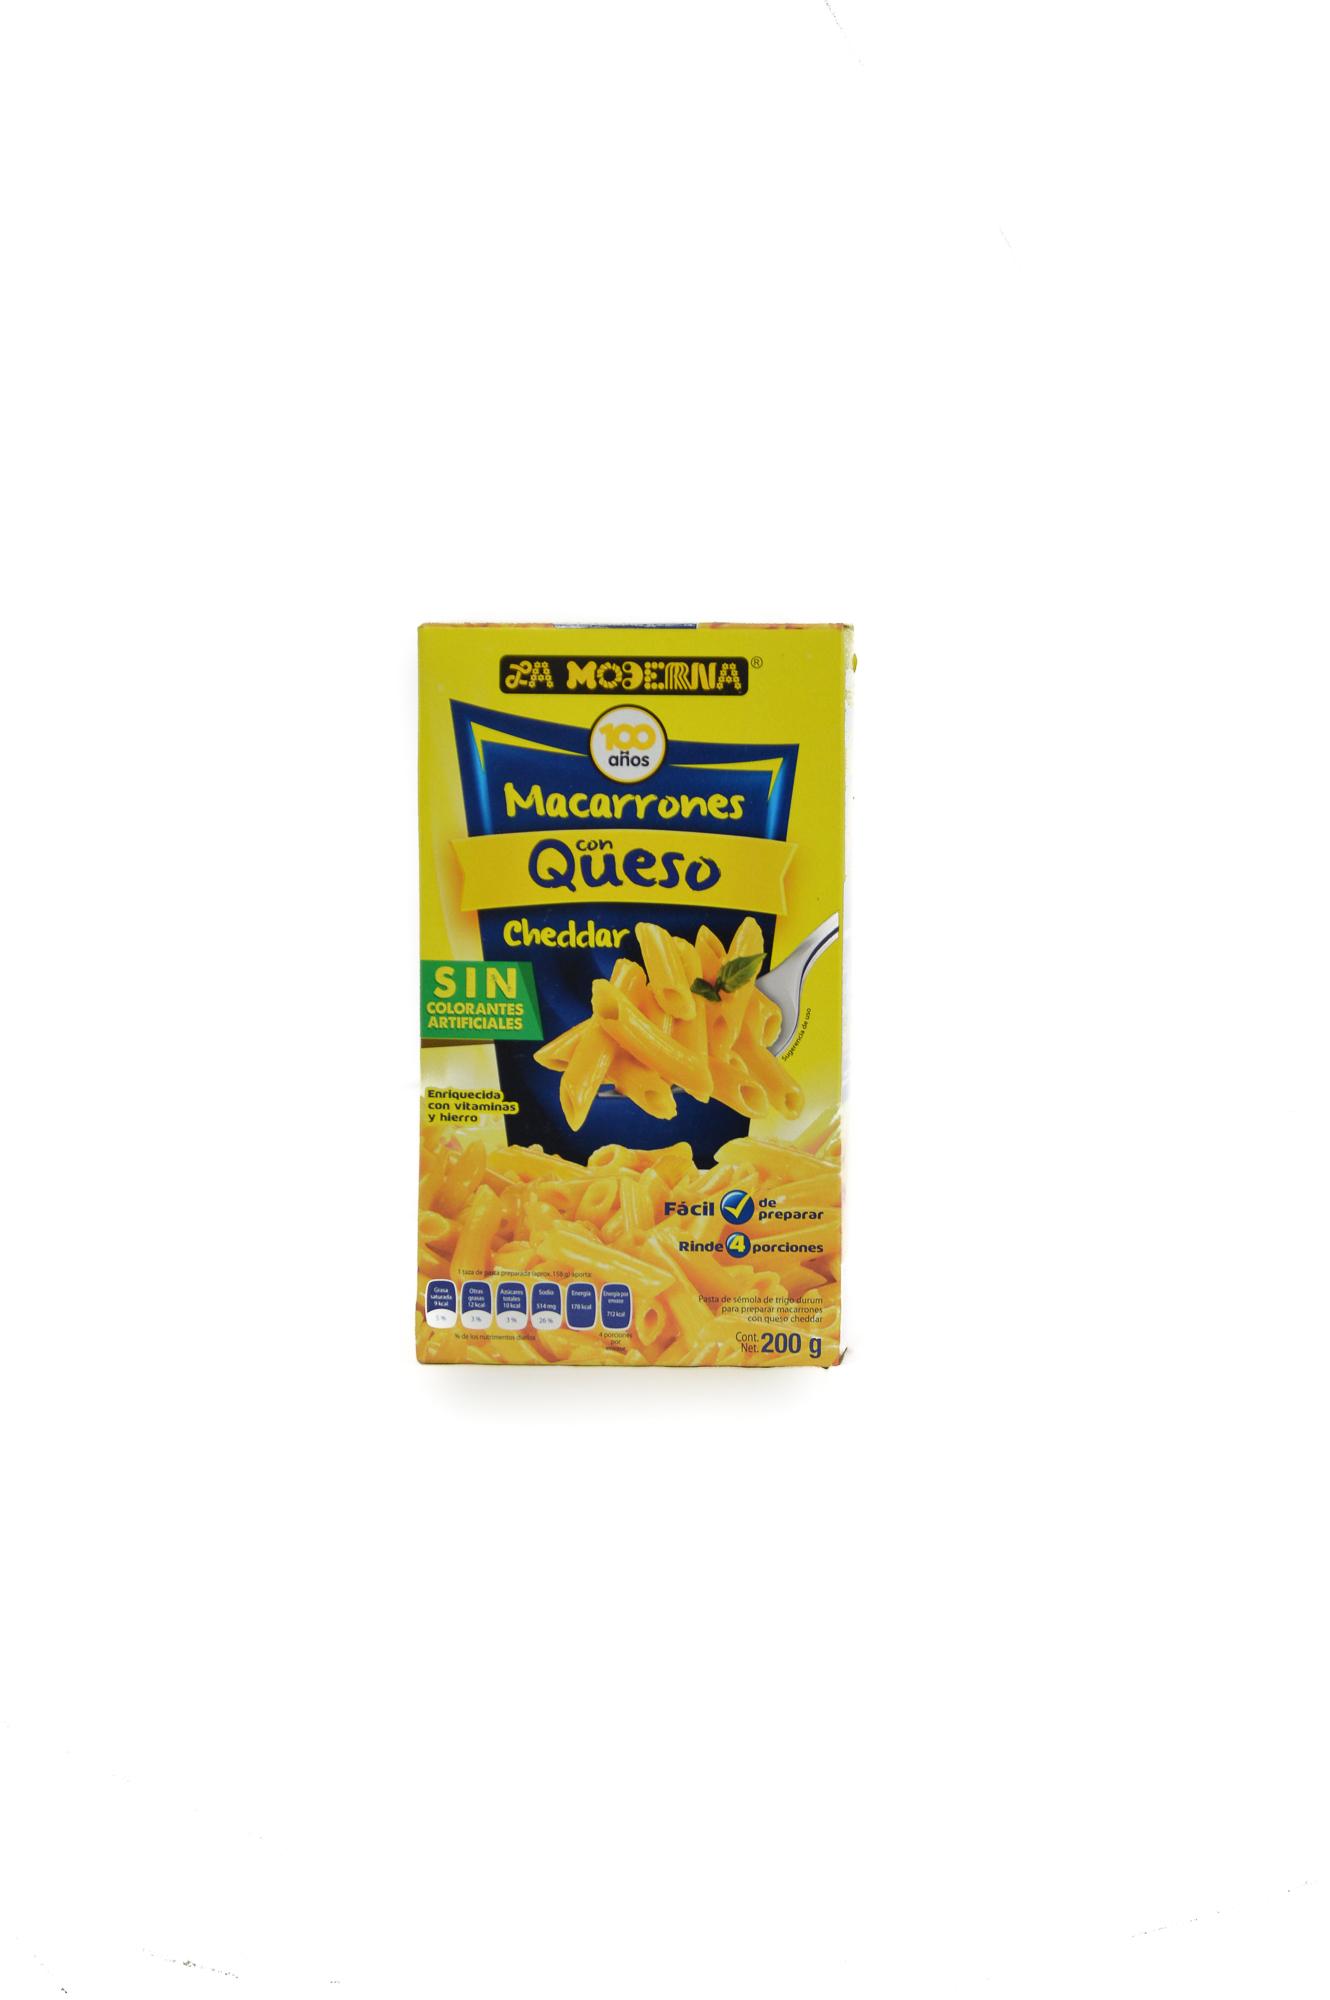 Macaroni and cheese  (6 x 200 g)